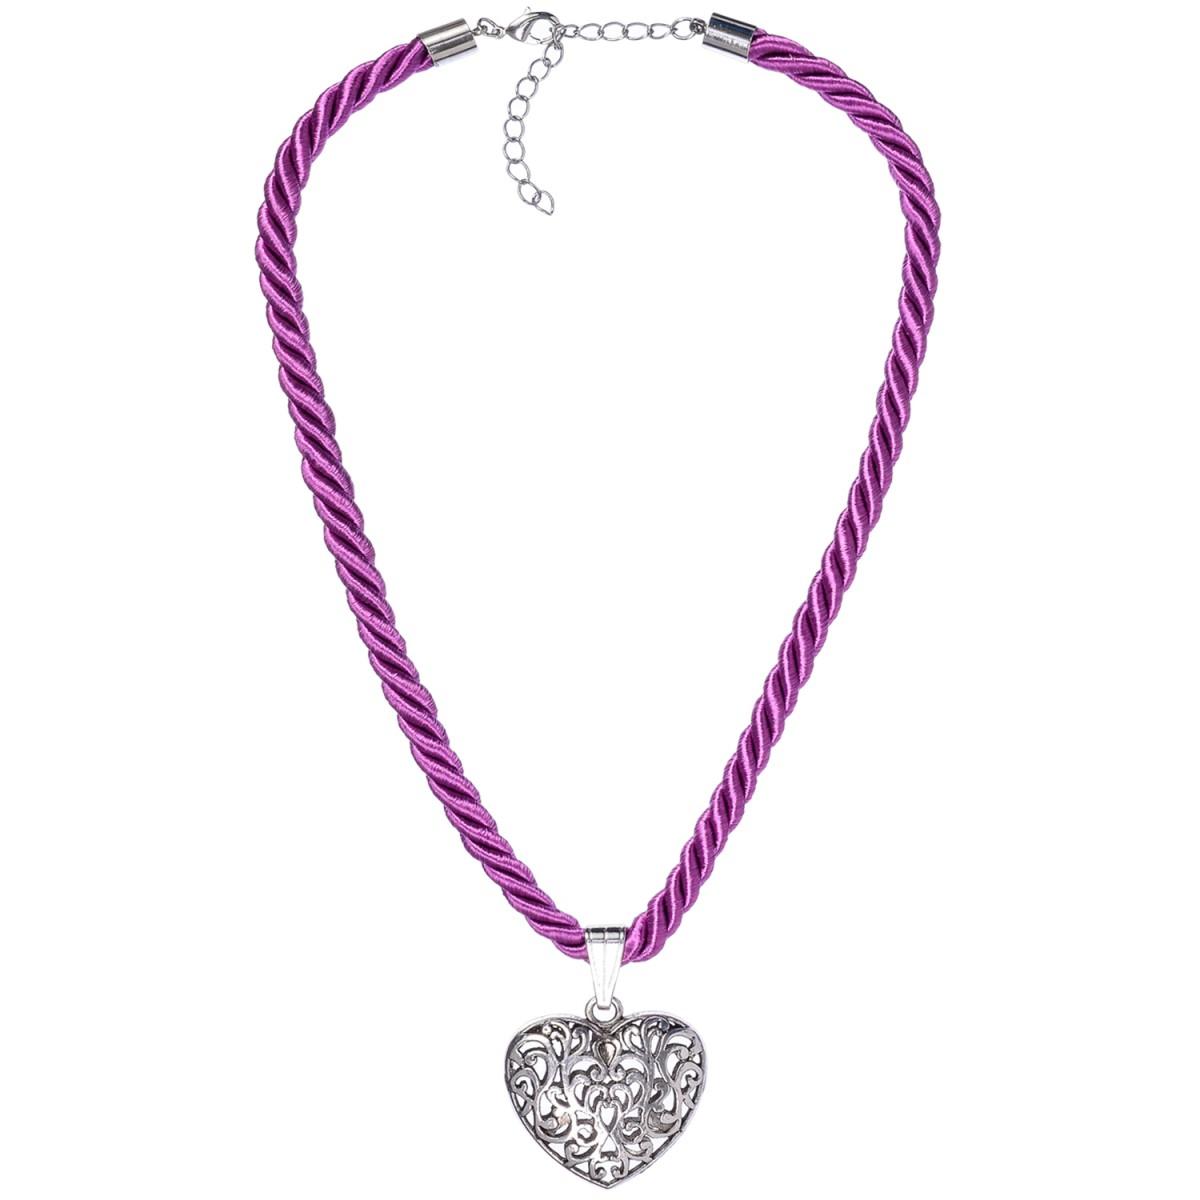 Kordelkette mit Herzanhänger in Lila von Schlick Accessoires günstig online kaufen